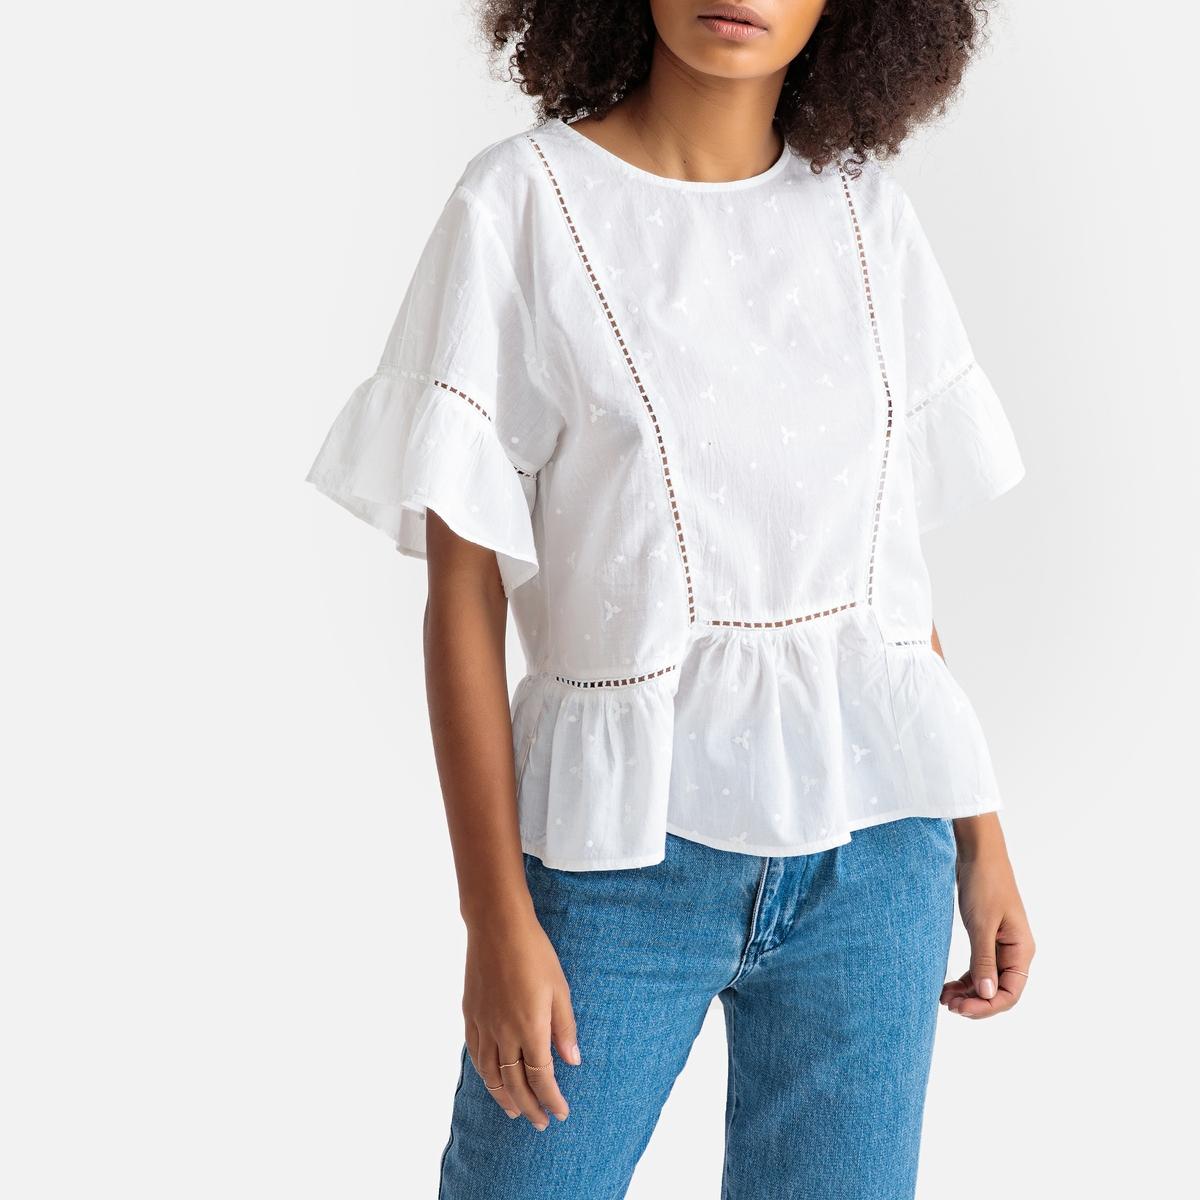 Блузка La Redoute С ажурной вышивкой и рукавами с воланами S белый кардиган la redoute из трикотажа с воланами s белый